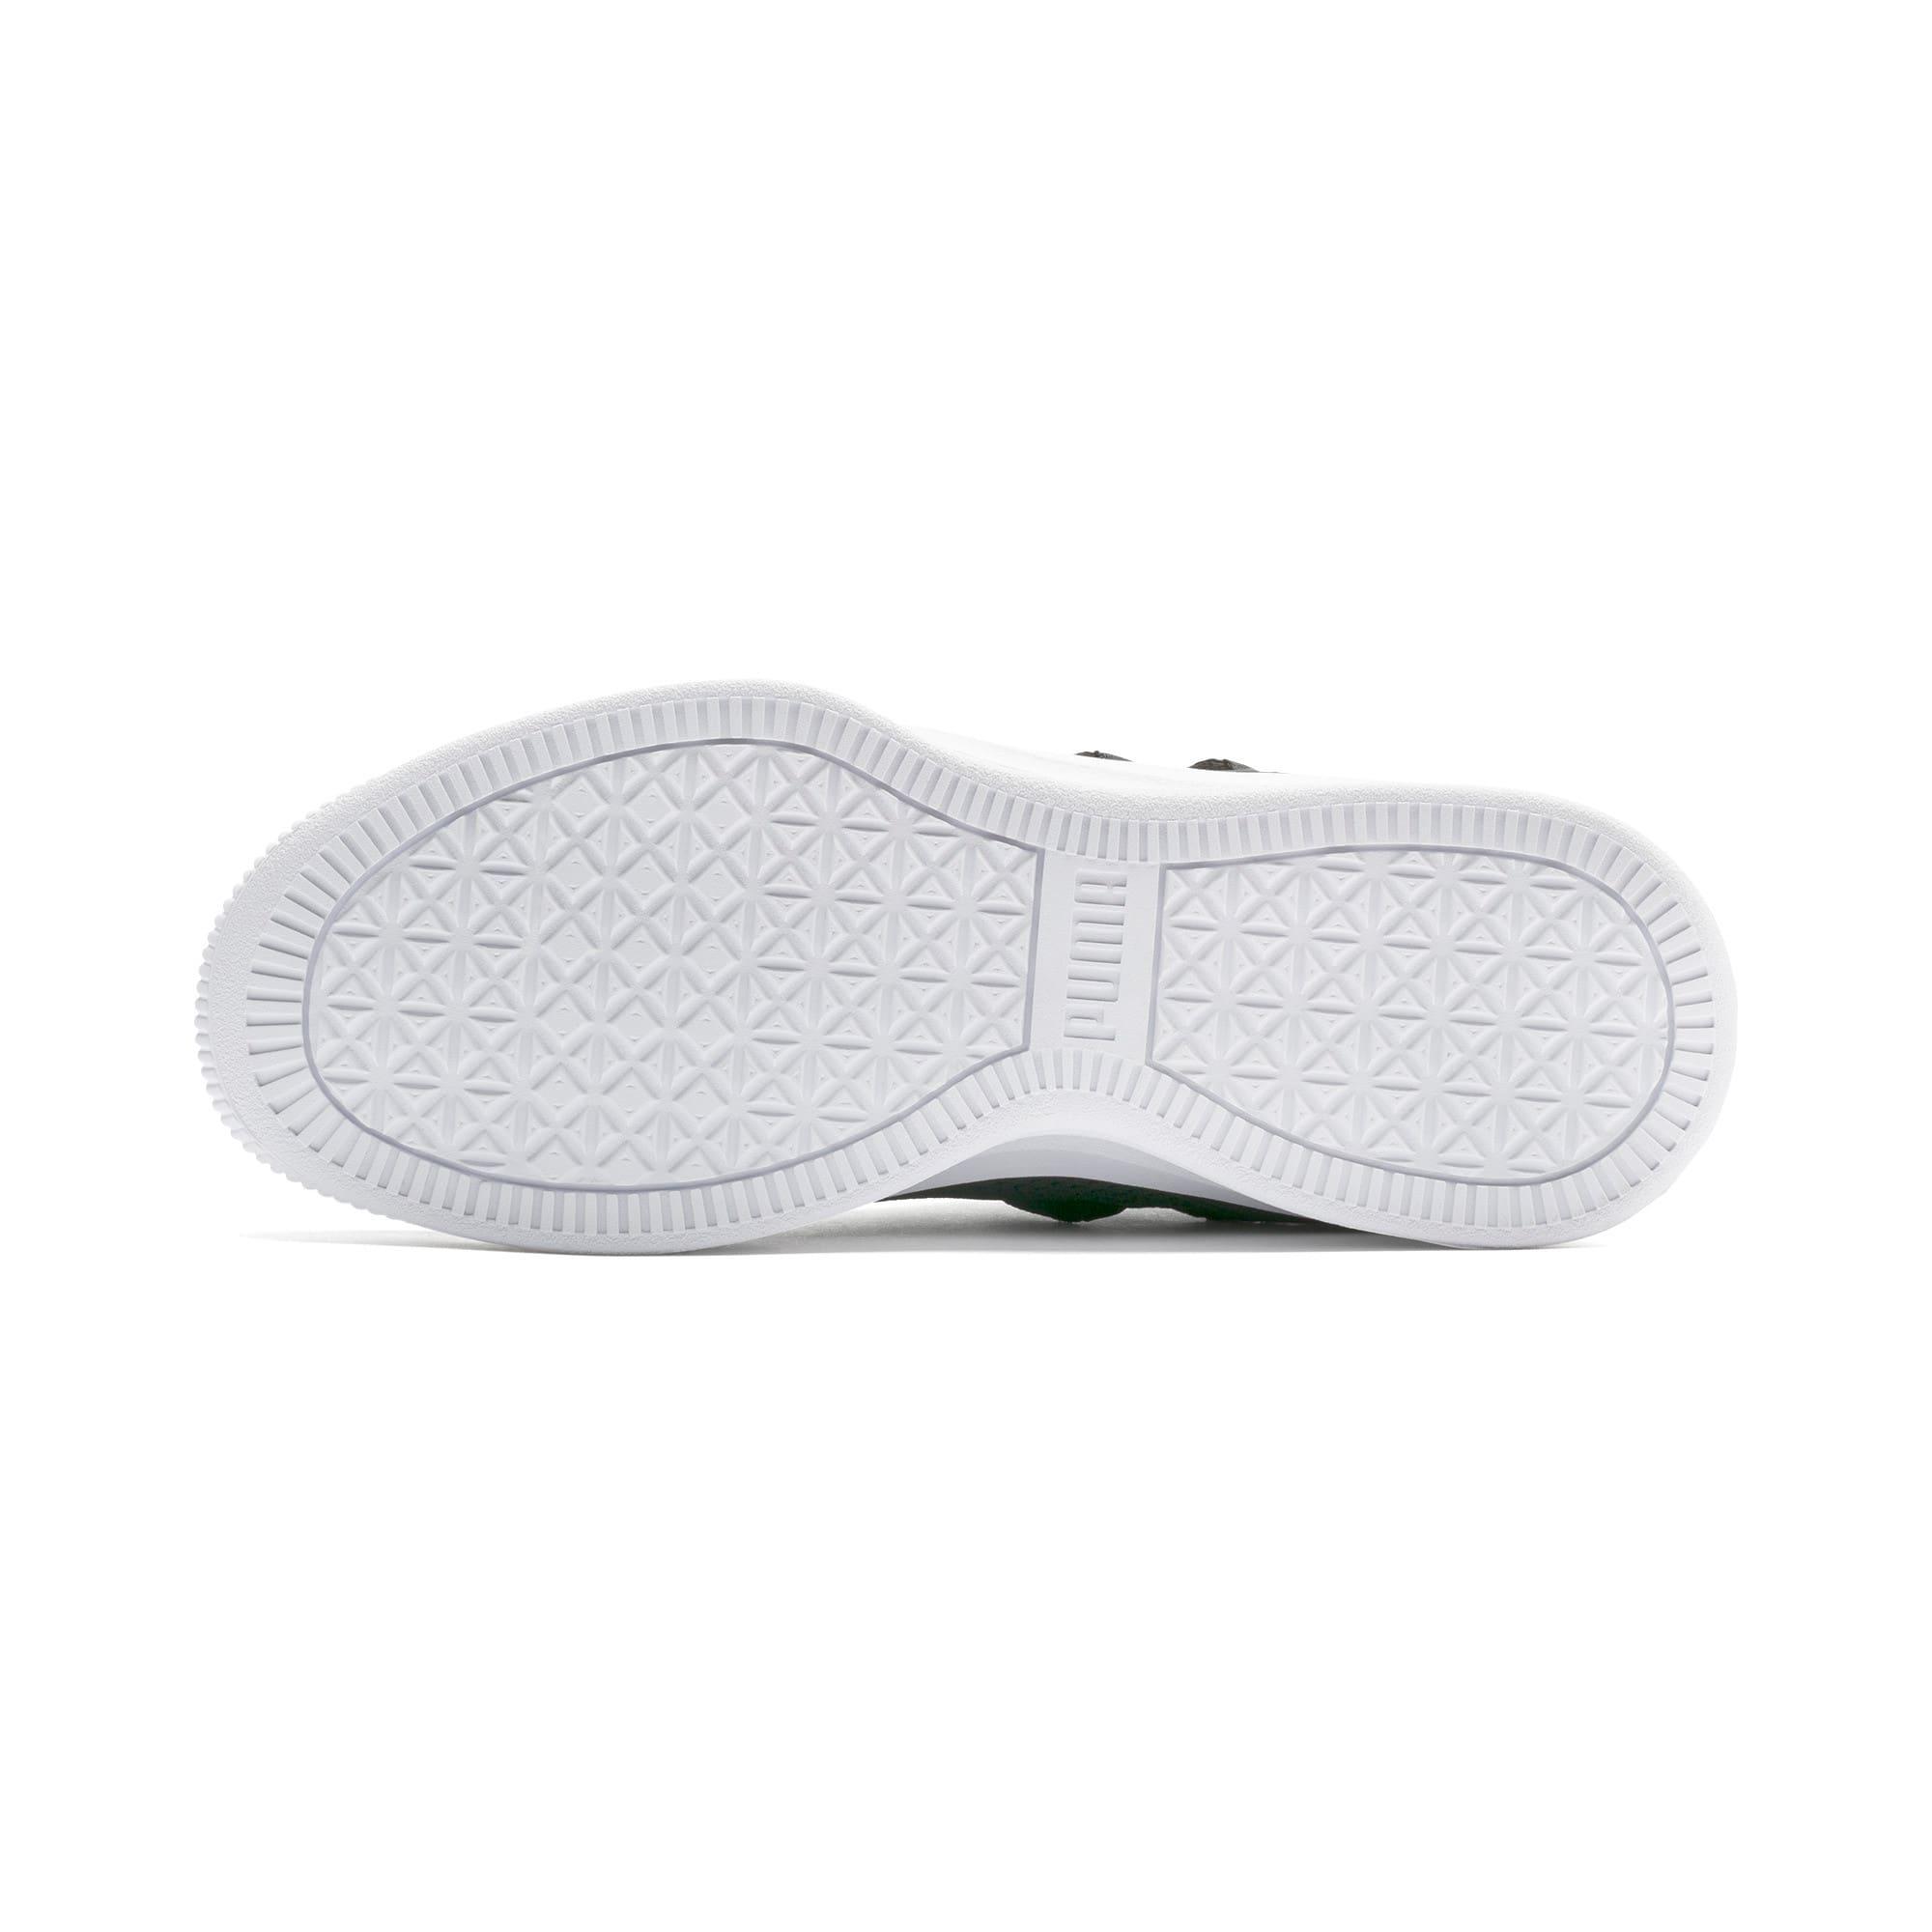 Imagen en miniatura 4 de Zapatillas de baloncesto Clyde Court, Puma Black, mediana